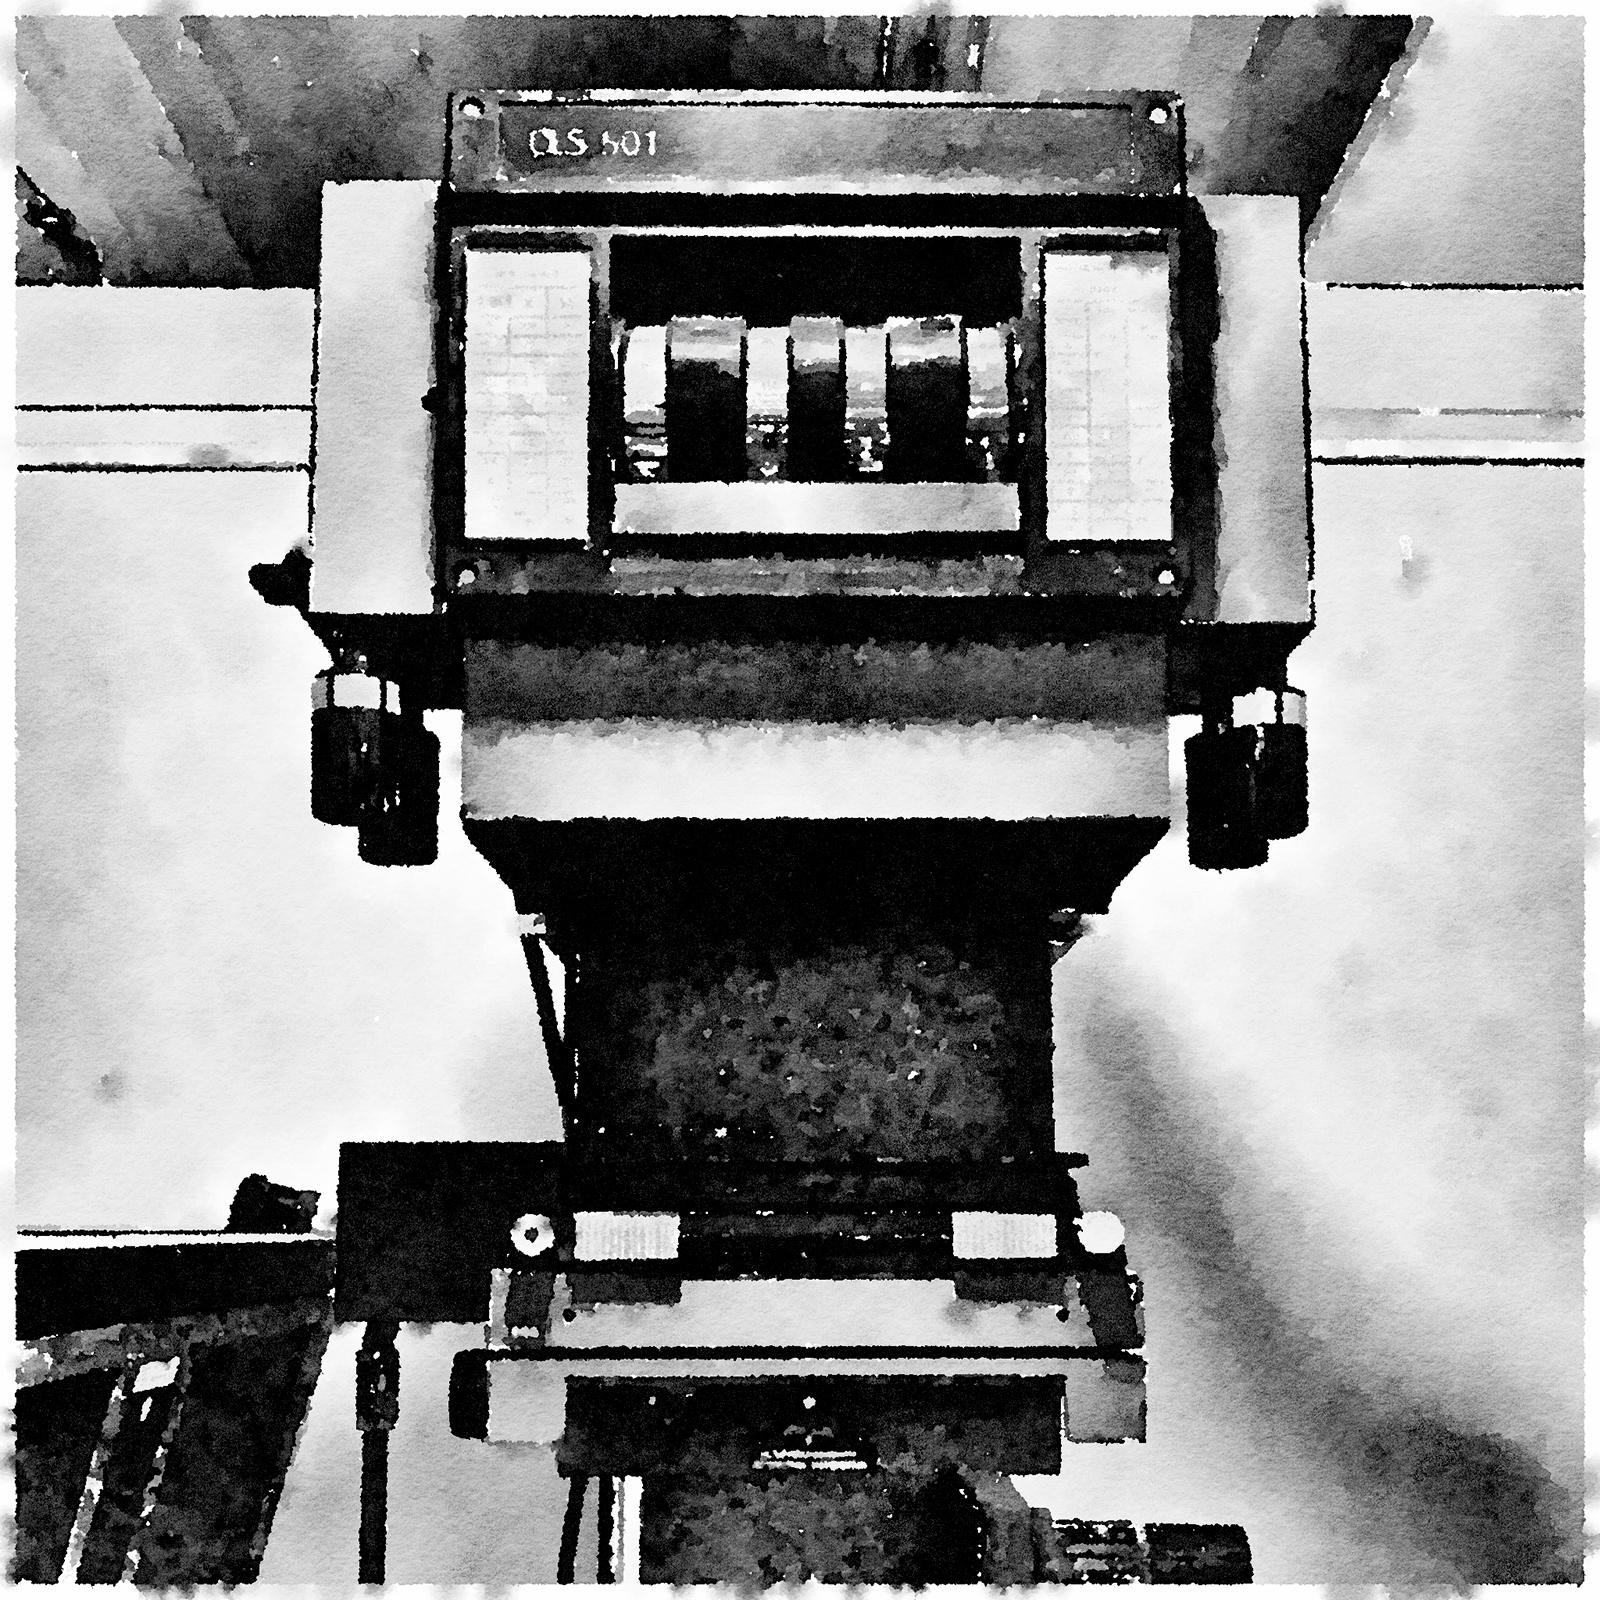 EP1  暗房黑白銀鹽放相-黑白銀鹽放相設備工具用品